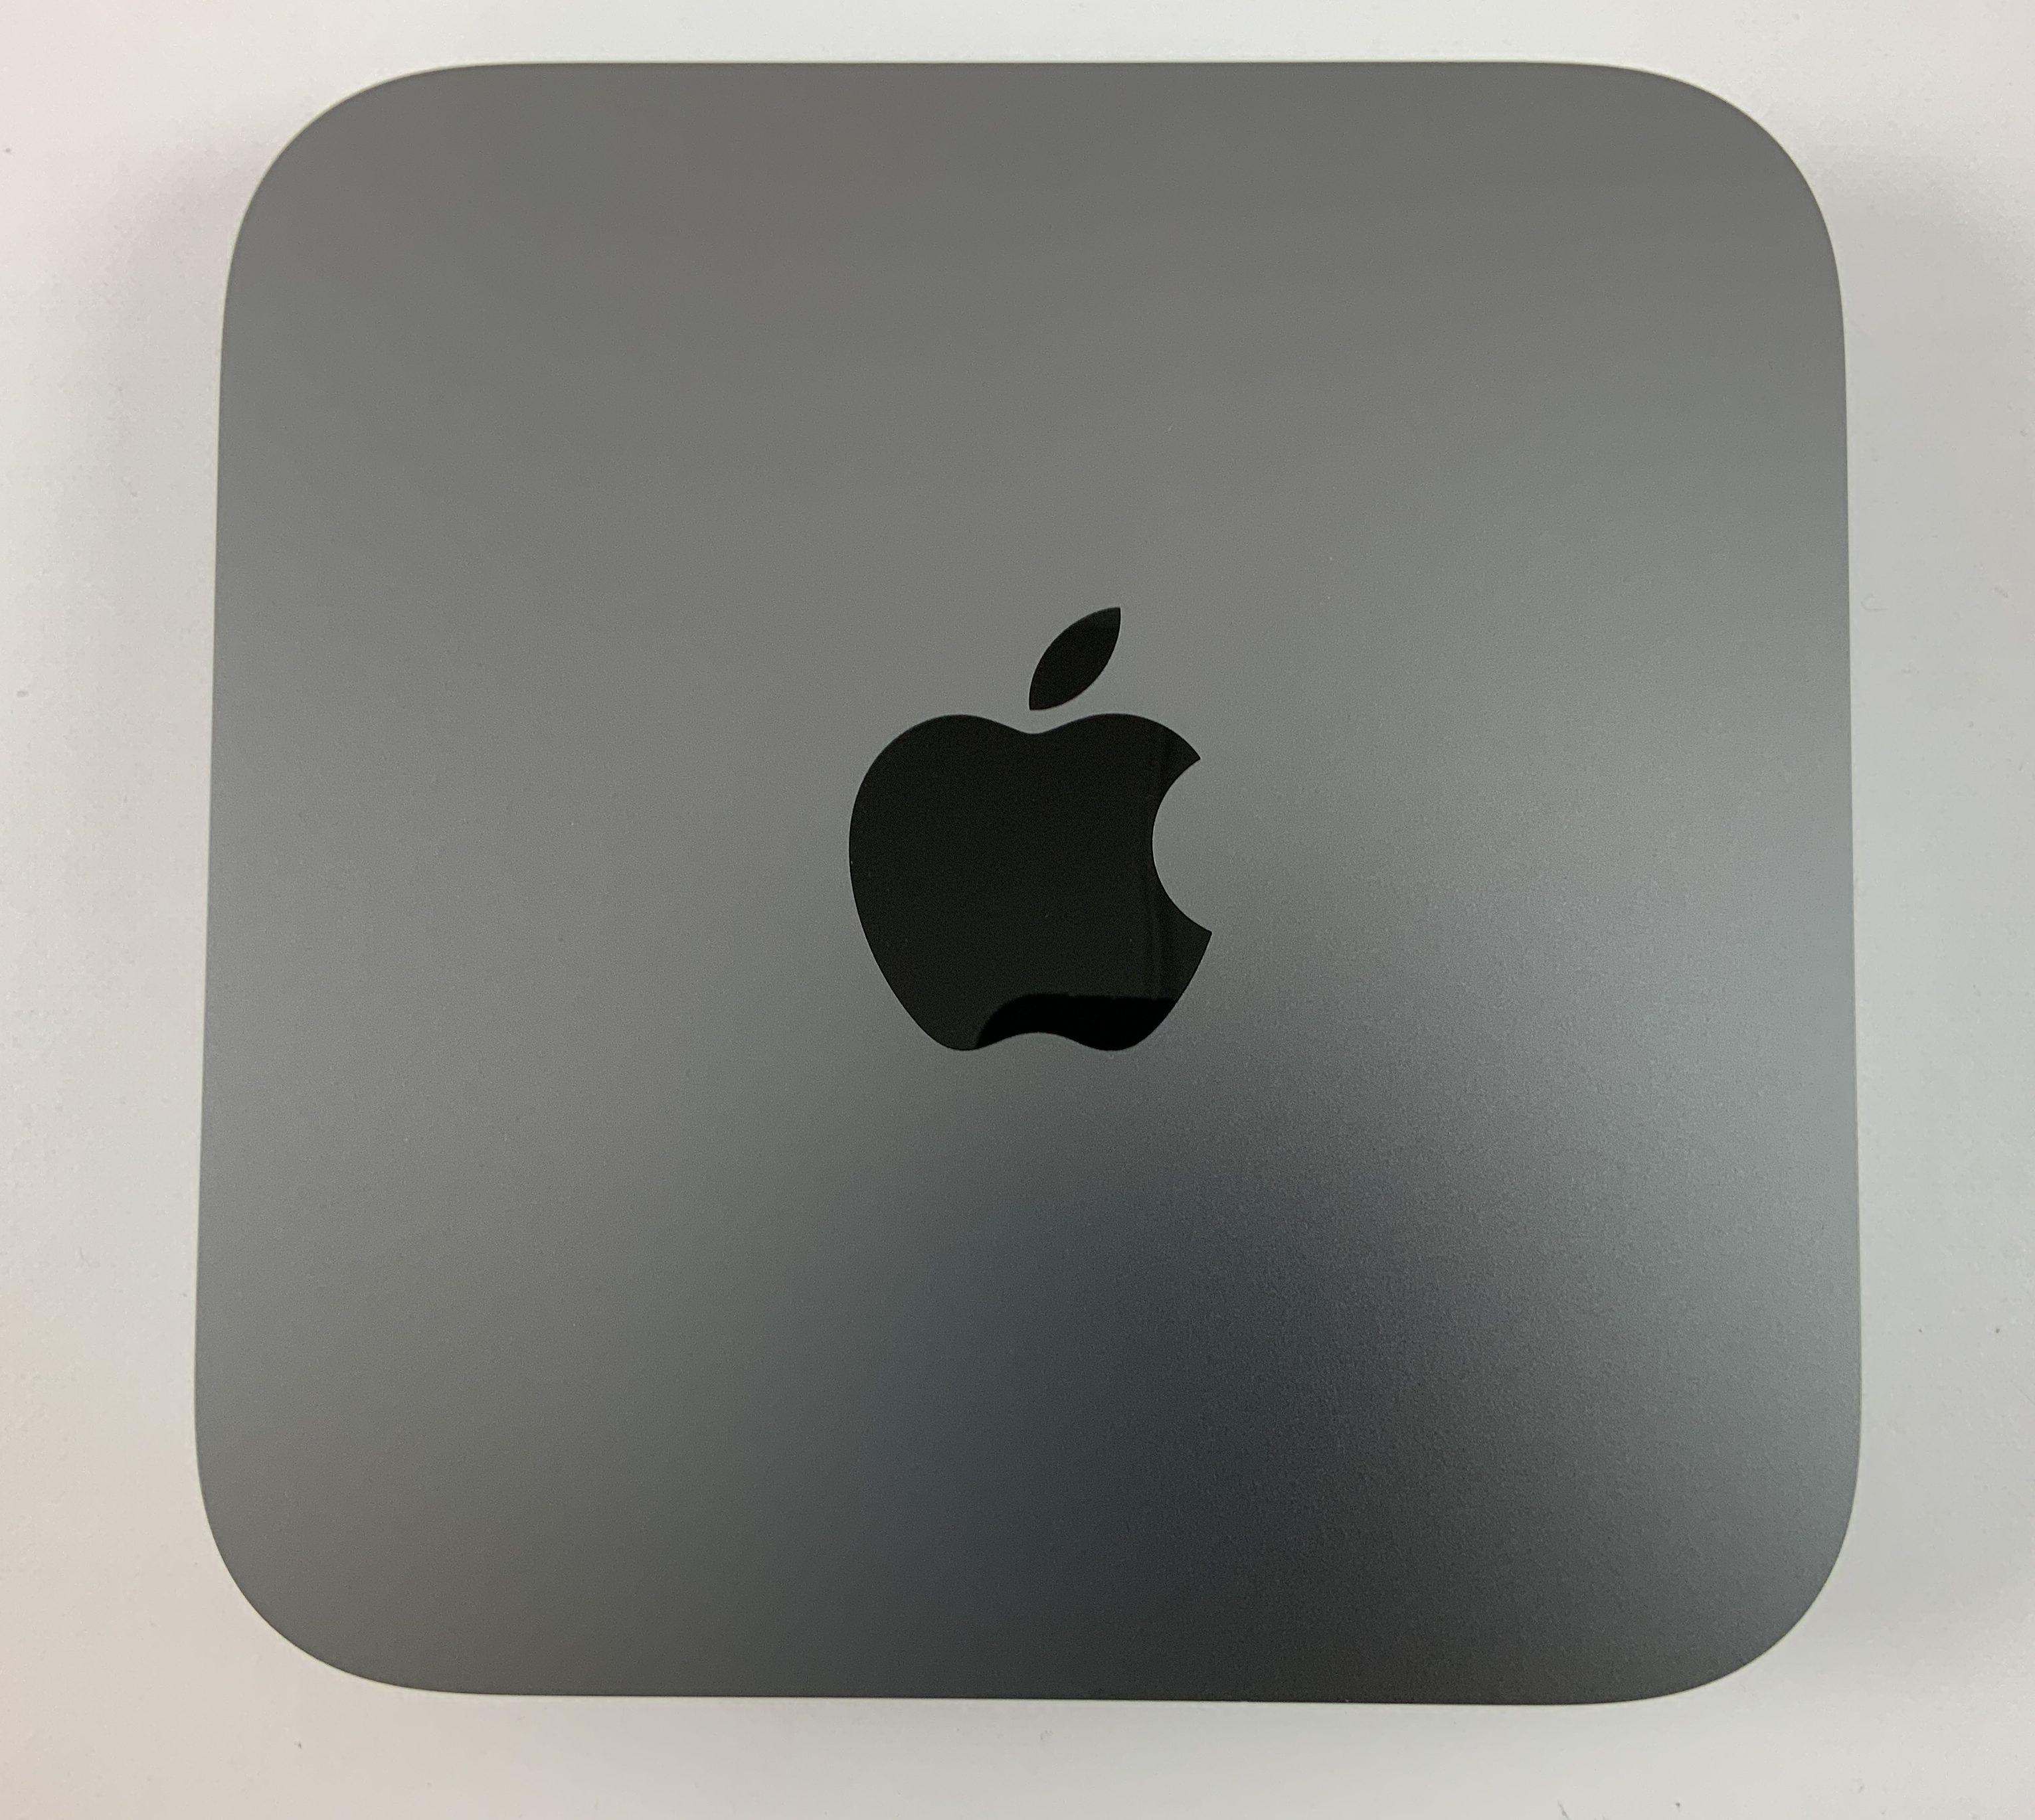 Mac Mini Late 2018 (Intel 6-Core i7 3.2 GHz 8 GB RAM 512 GB SSD), Intel 6-Core i7 3.2 GHz, 8 GB RAM, 512 GB SSD, Kuva 1